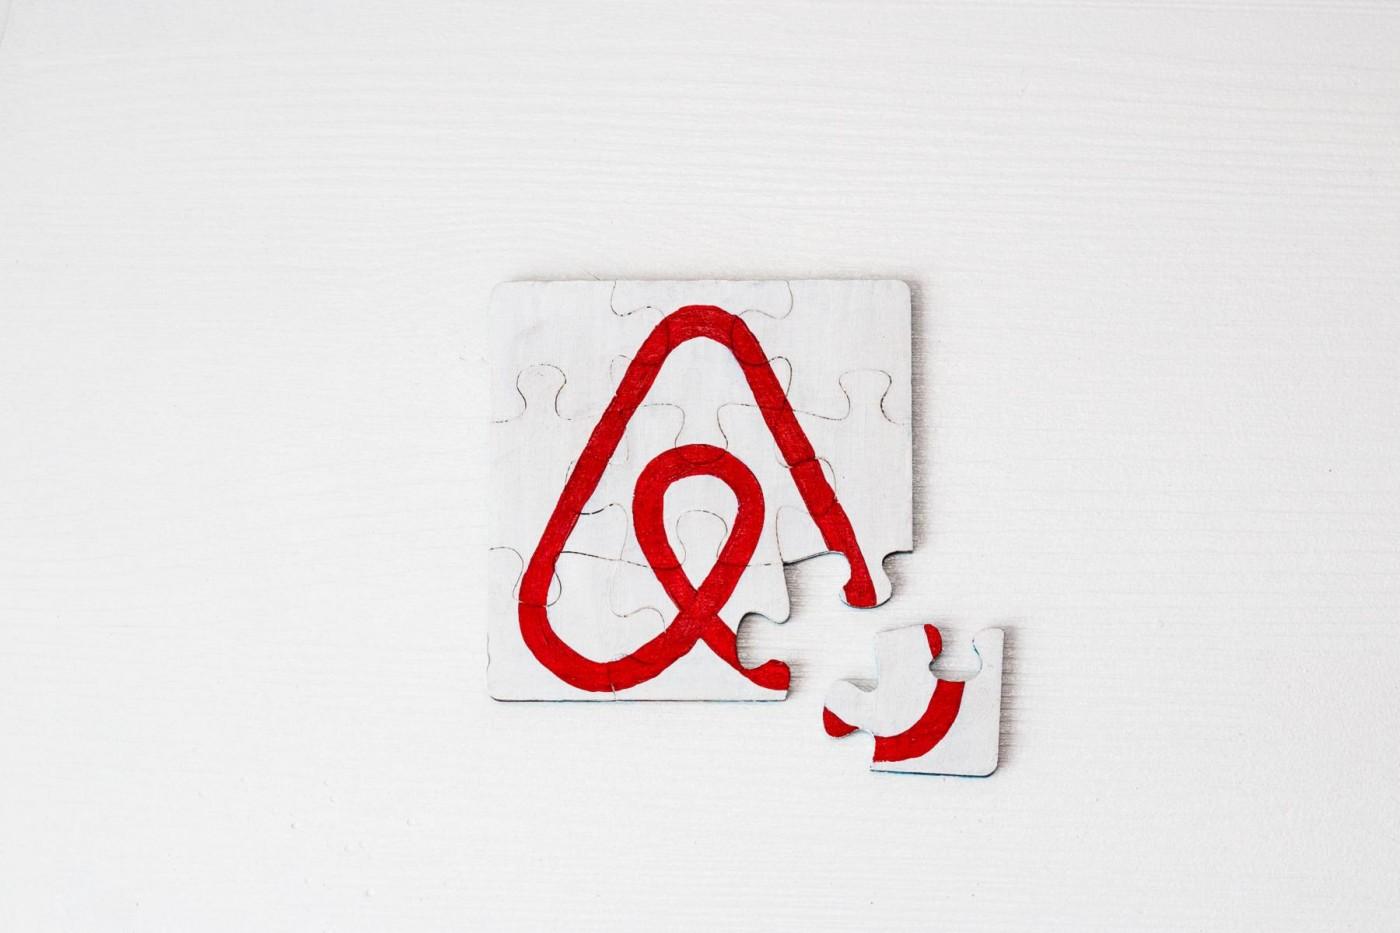 入住Airbnb不會開冷氣、找不到急救箱?這個概念性AR應用可以「指」給你看